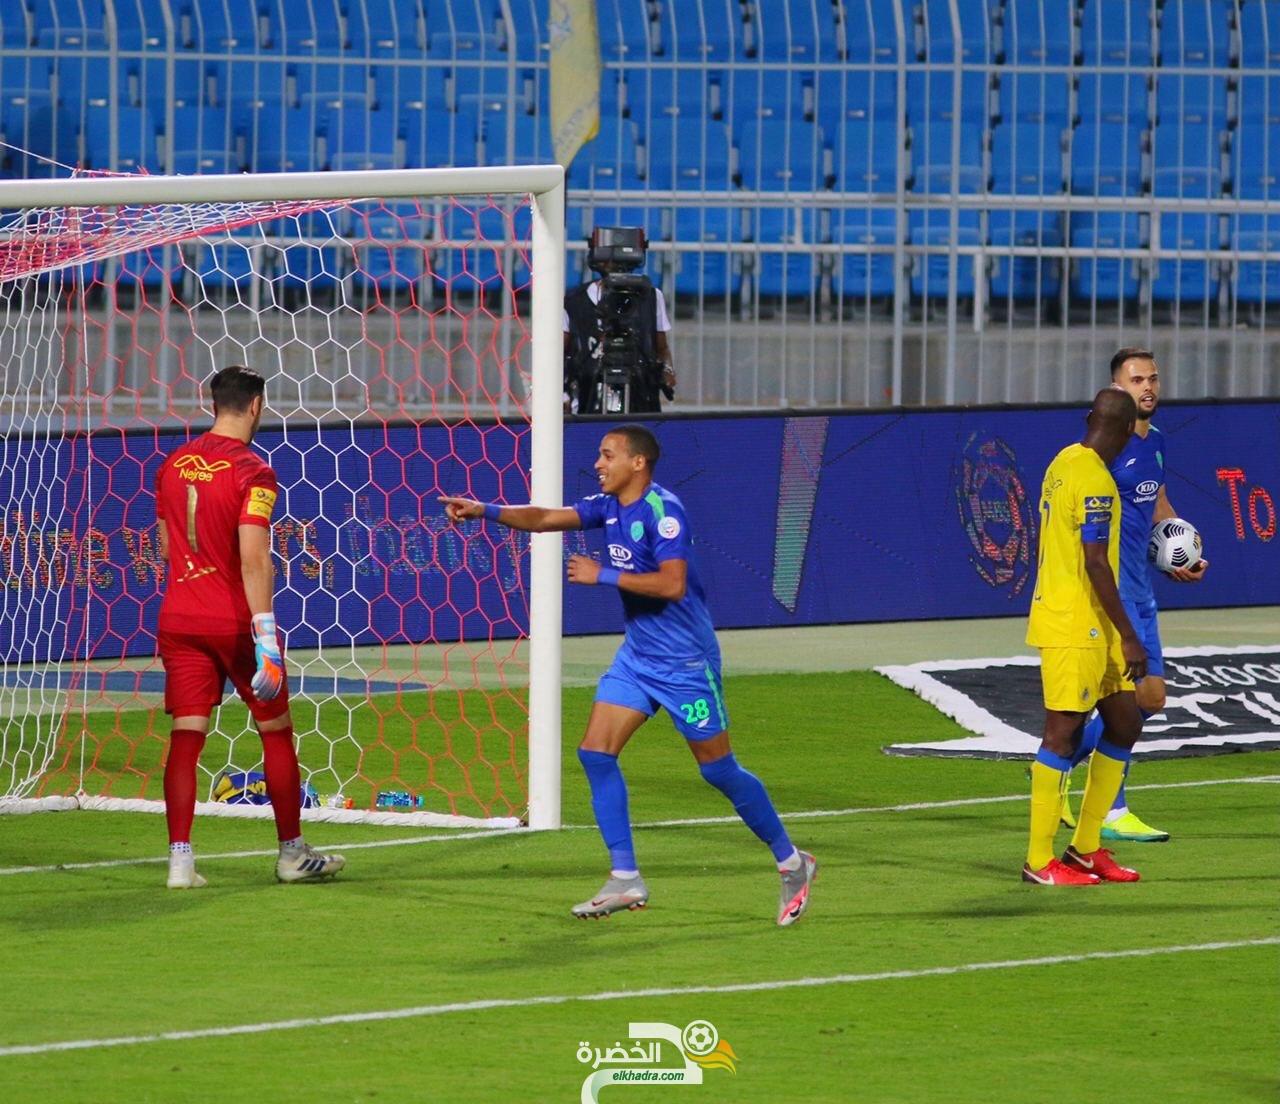 ثنائية بن دبكة تقود ناديه الفتح للفوز على مضيفه النصر 29